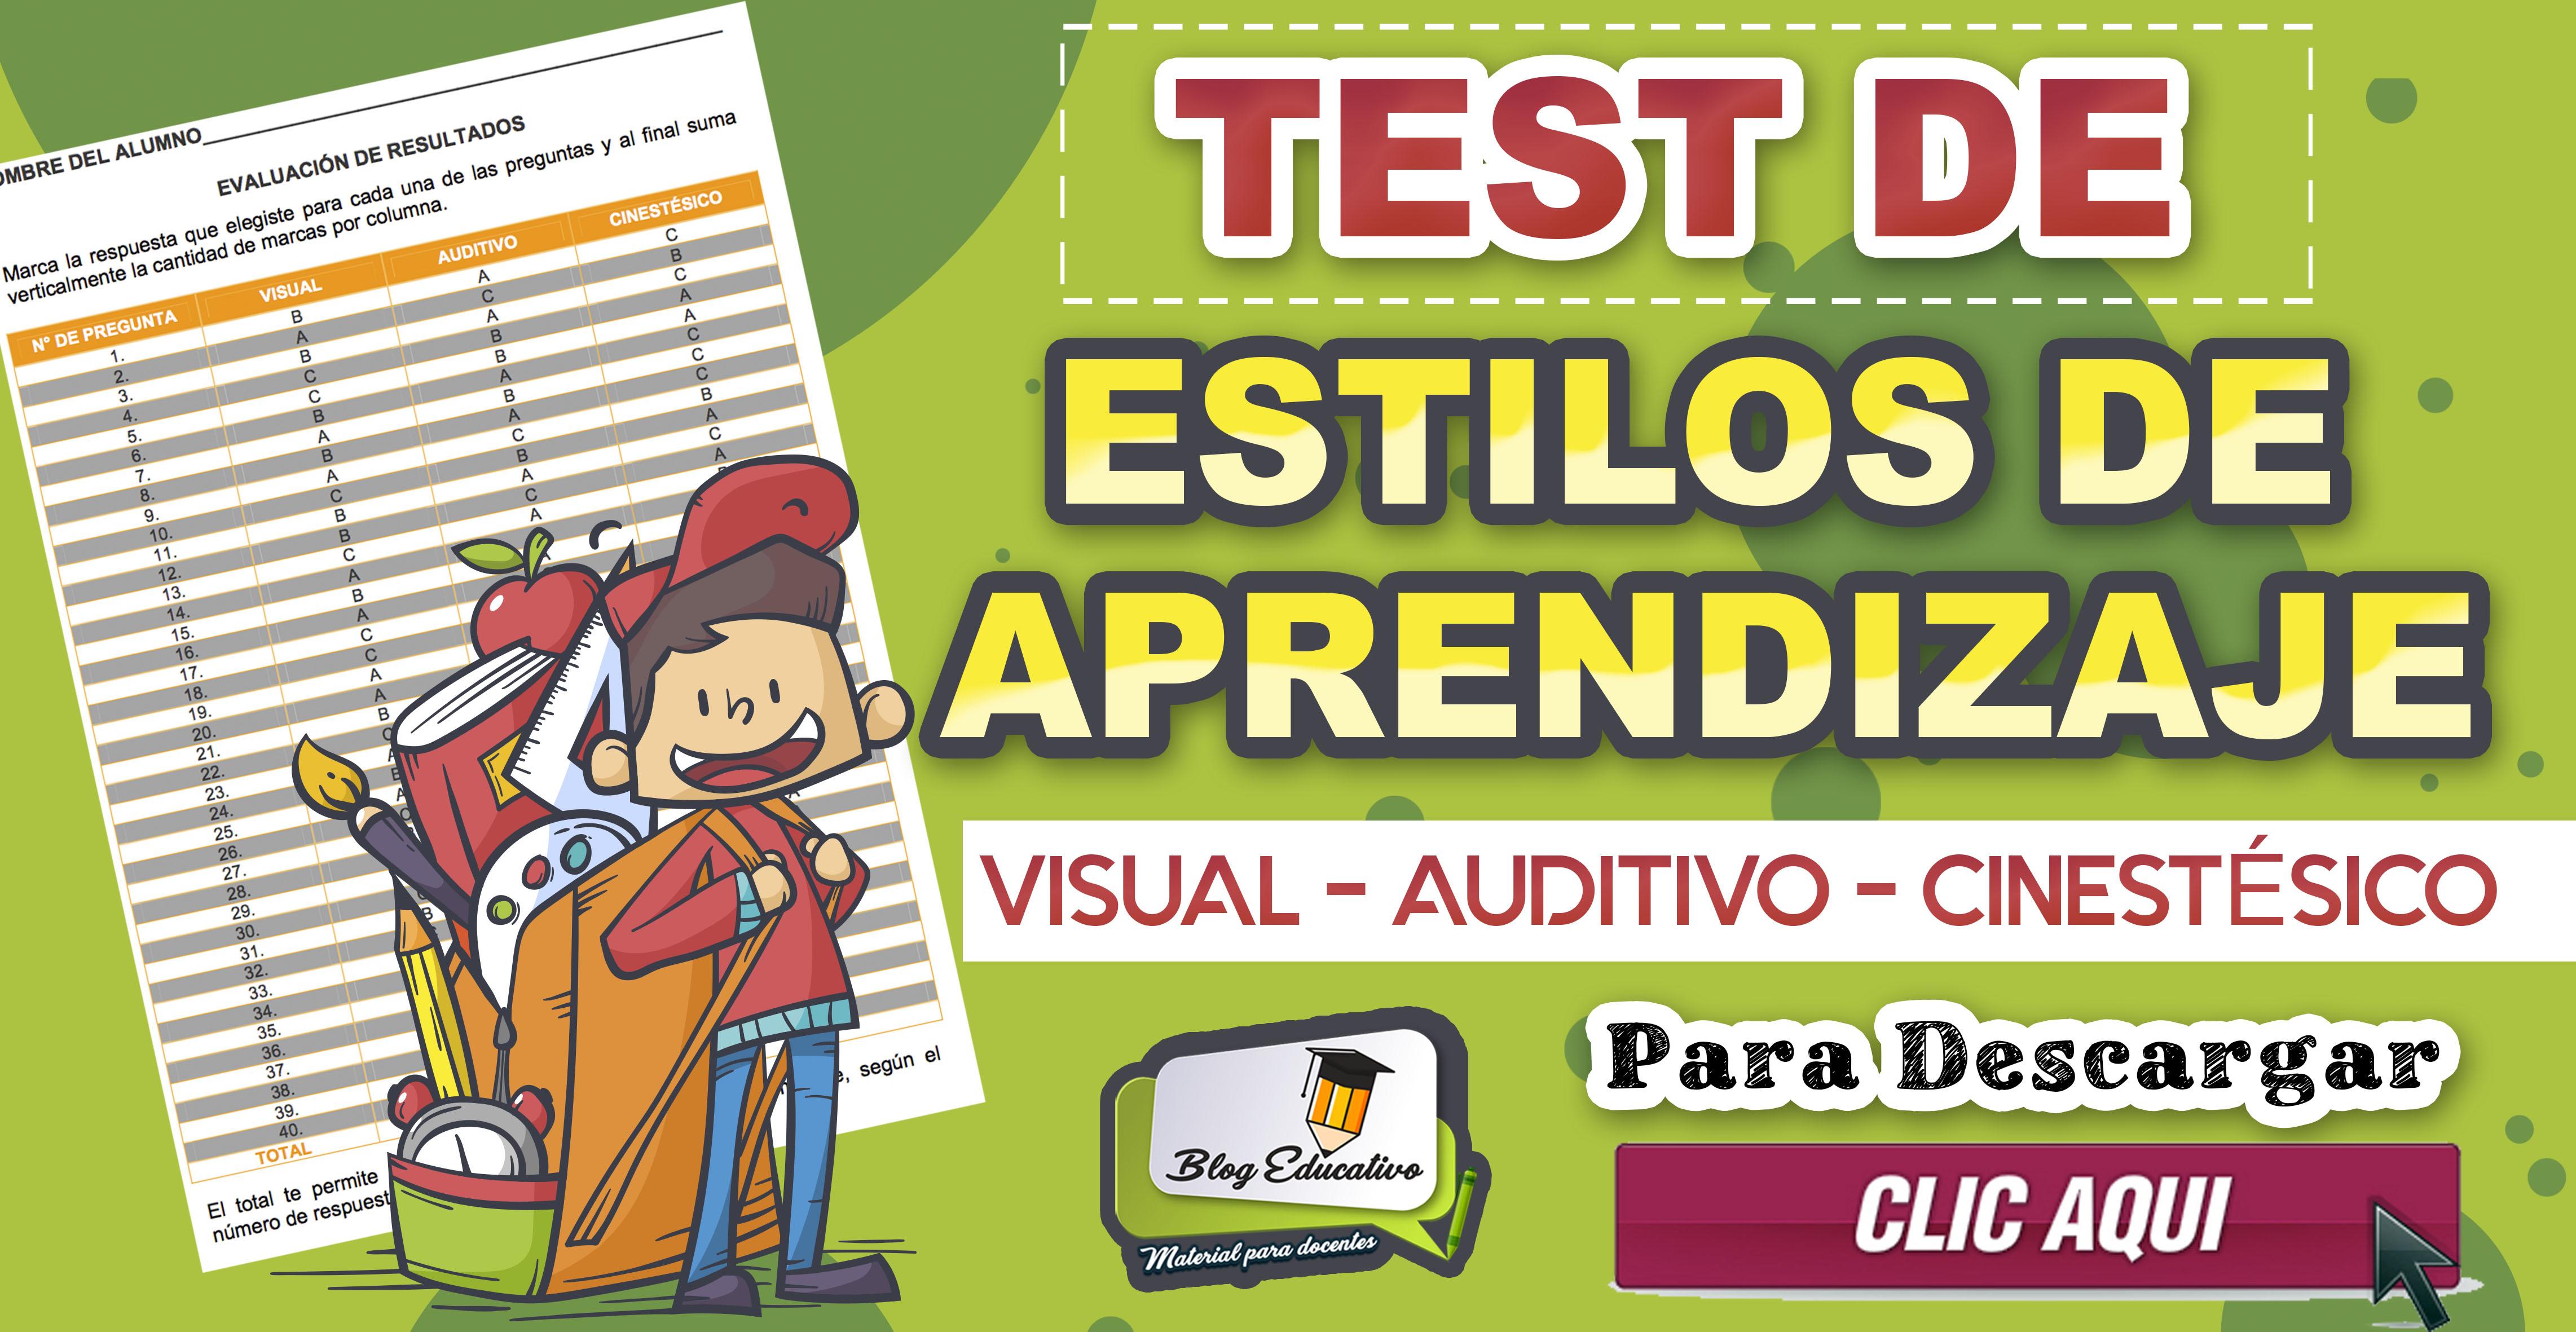 Test de estilos de Aprendizaje gratis - Blog Educativo